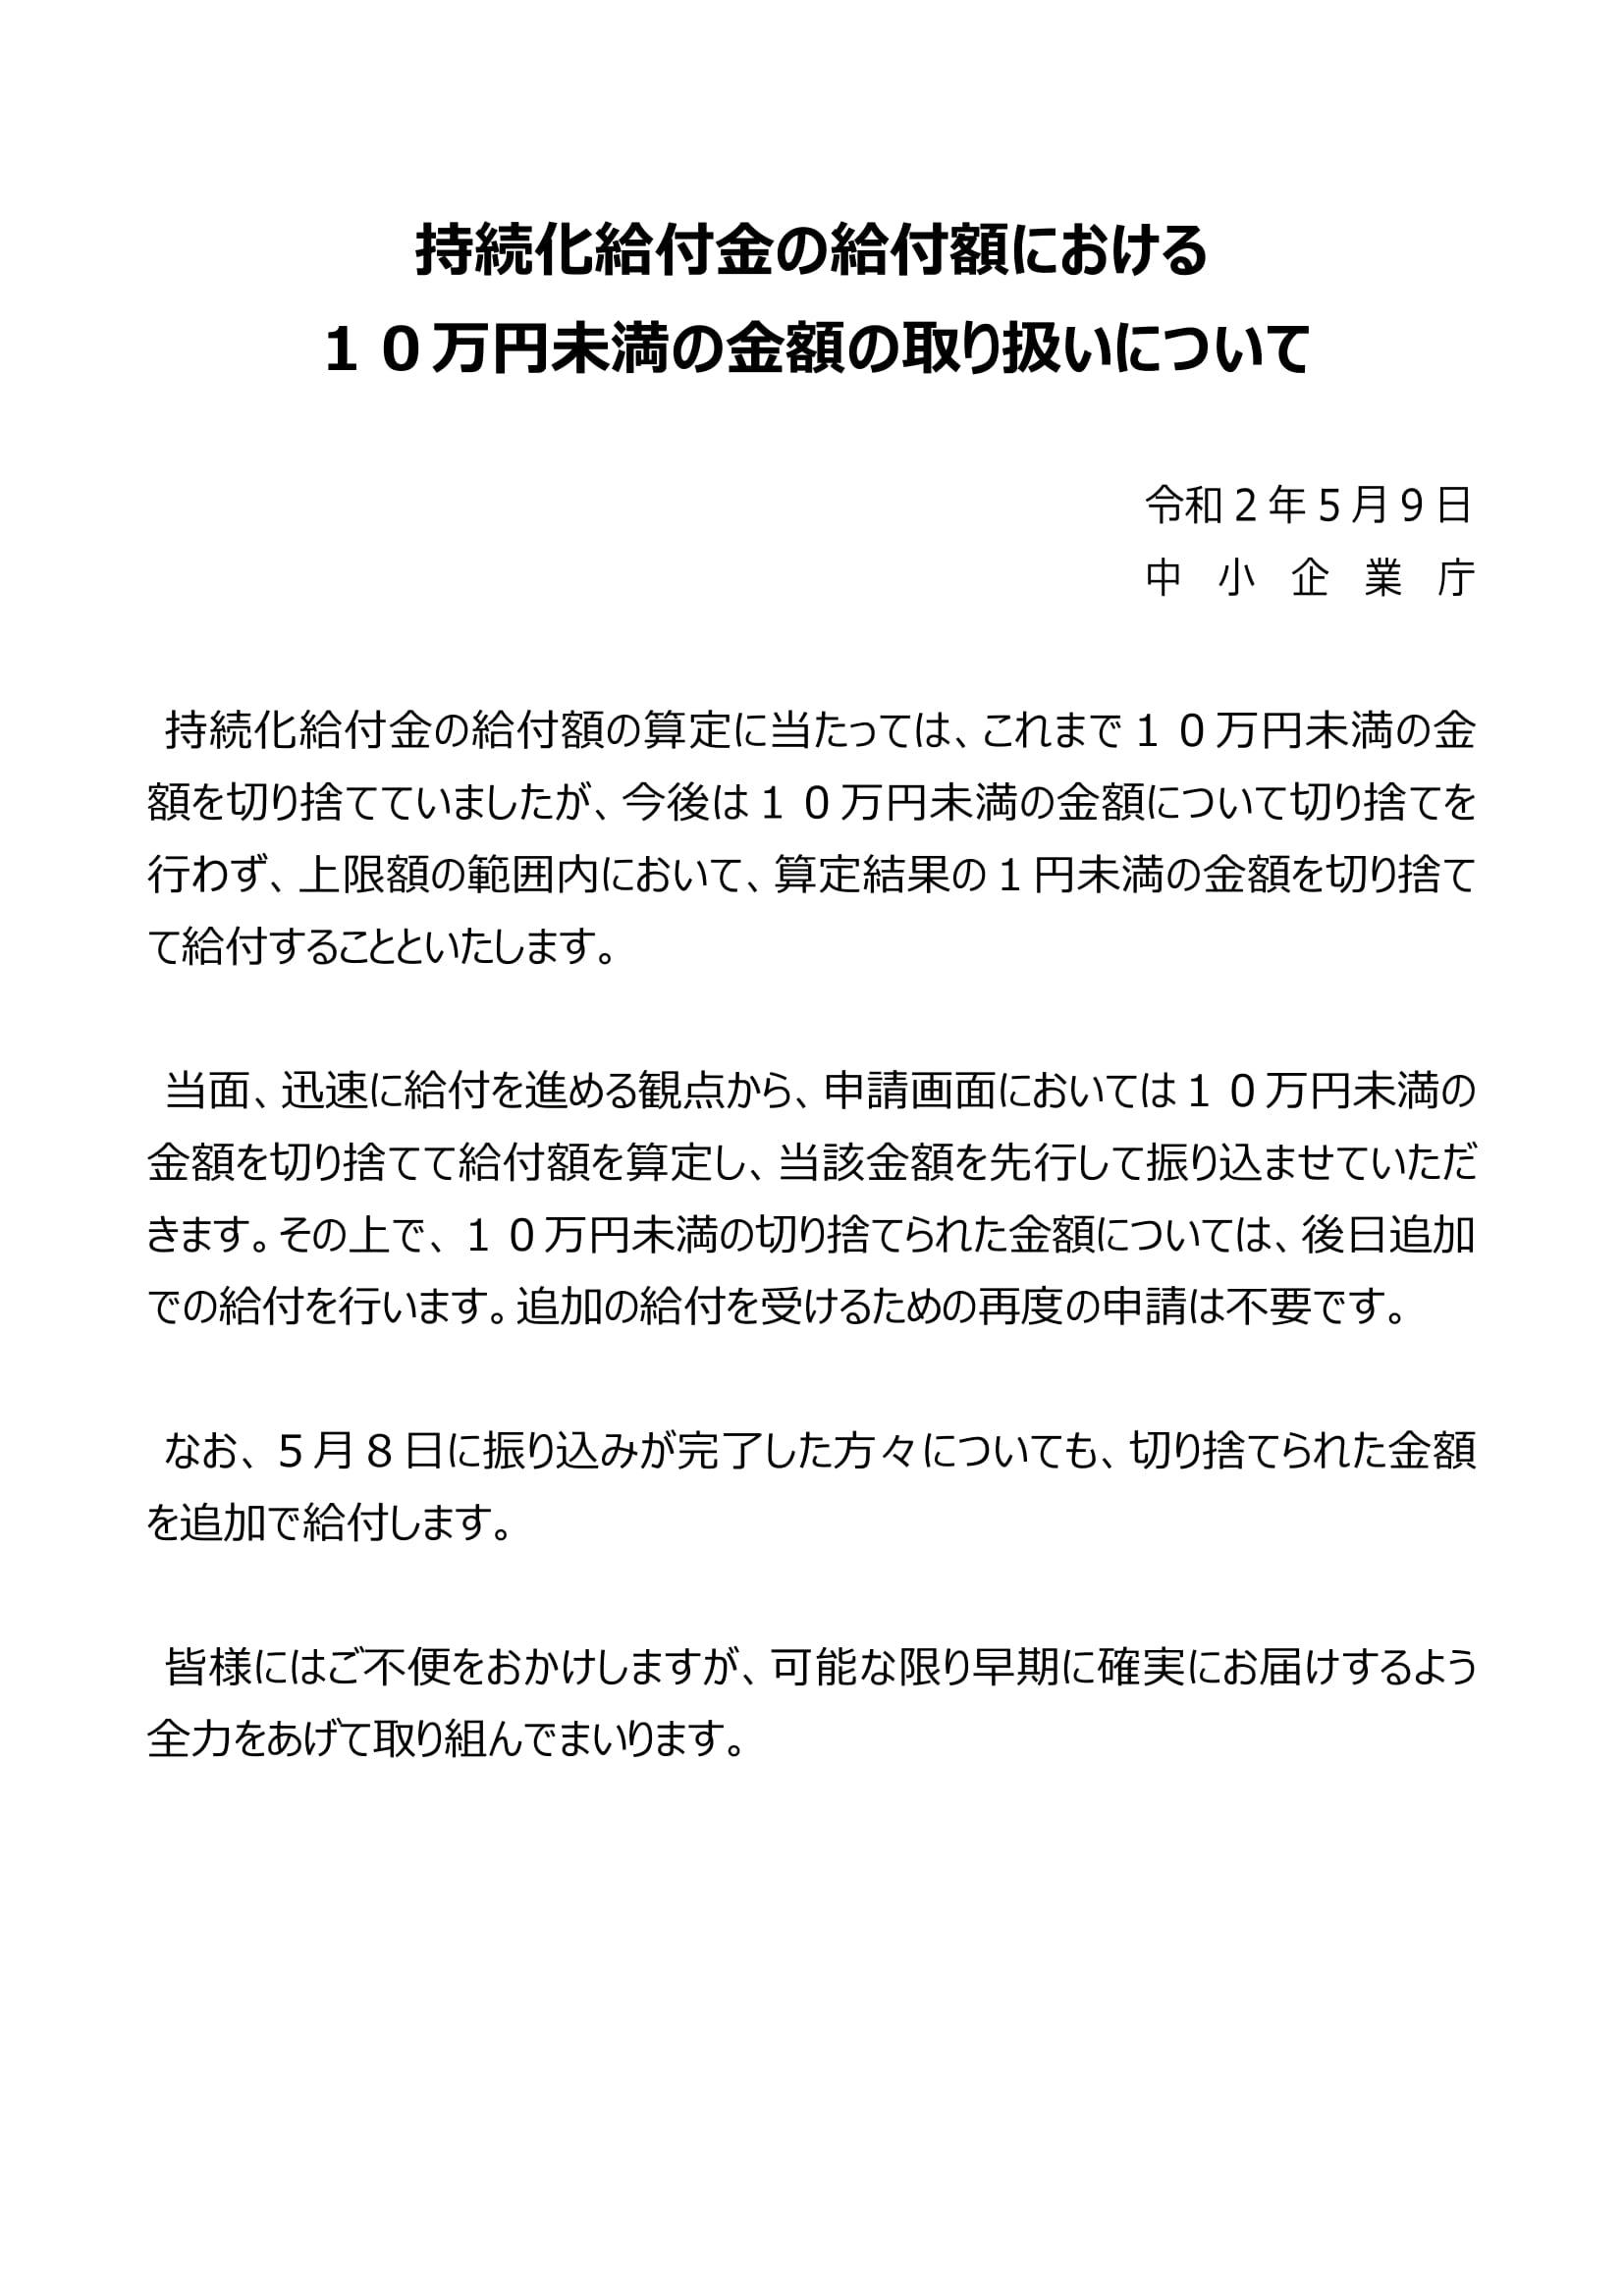 持続化給付金10万円未満